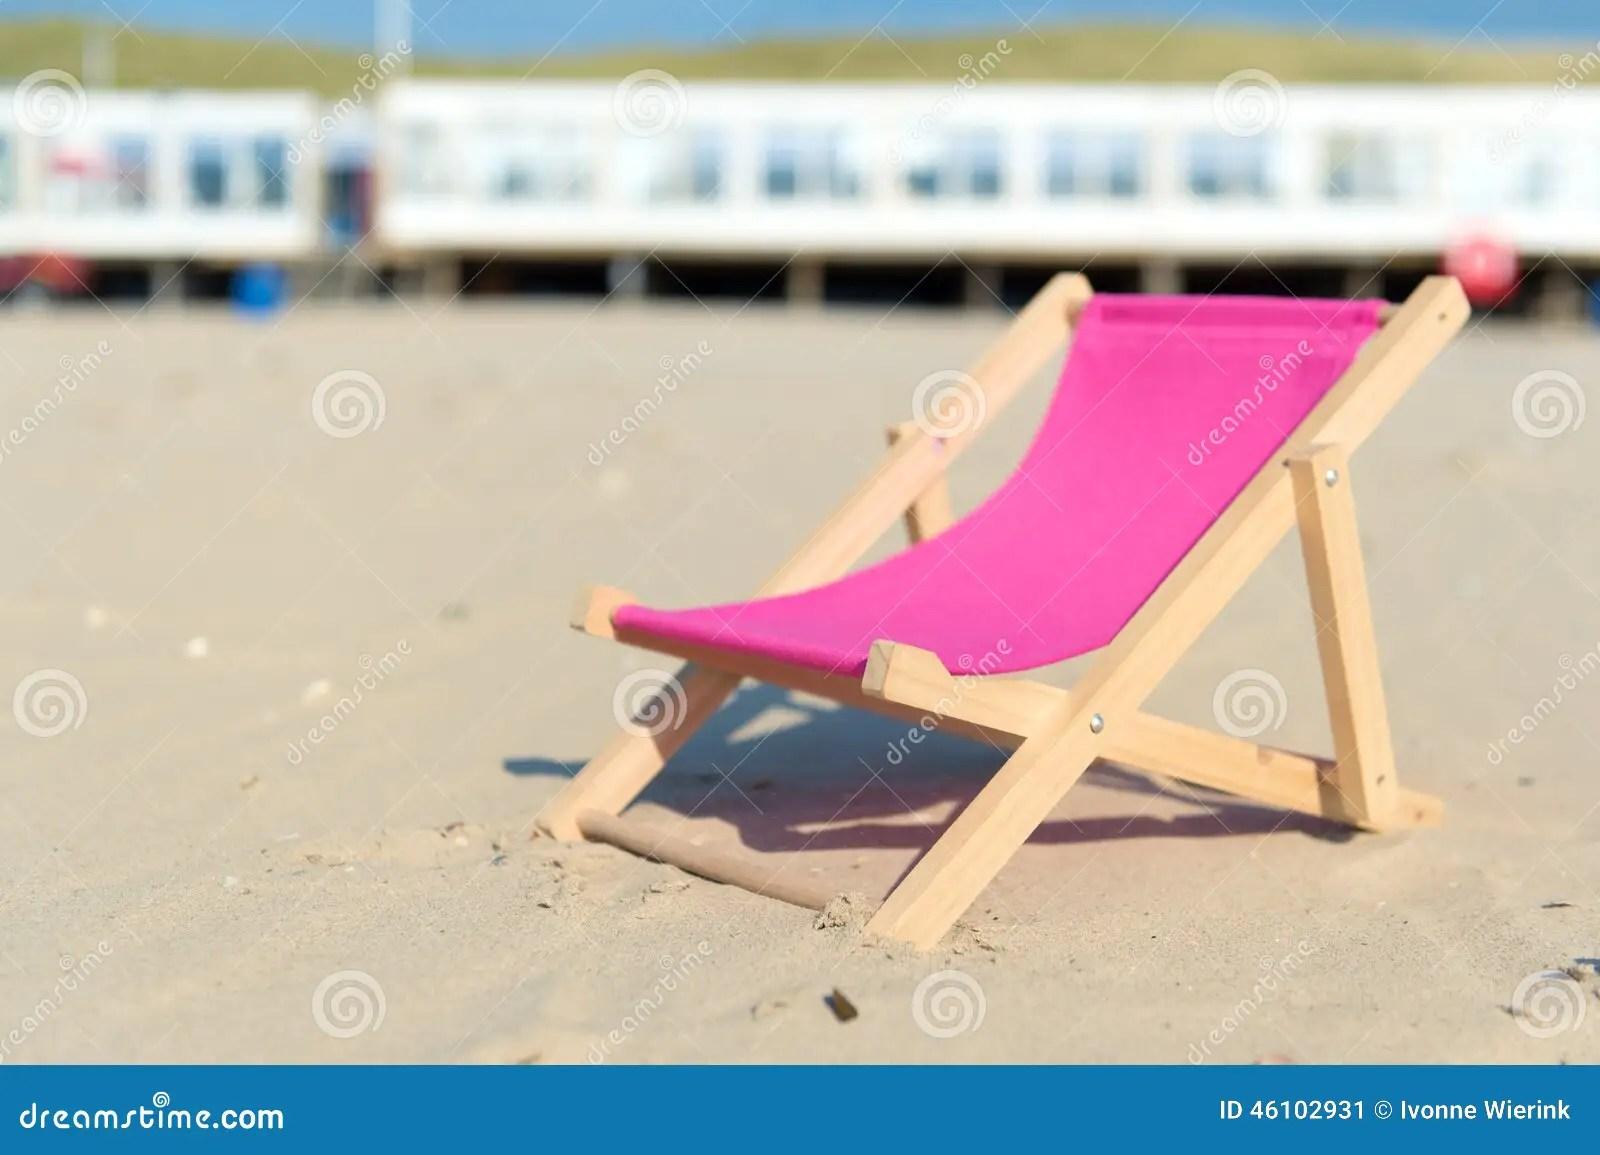 pink beach chair build a